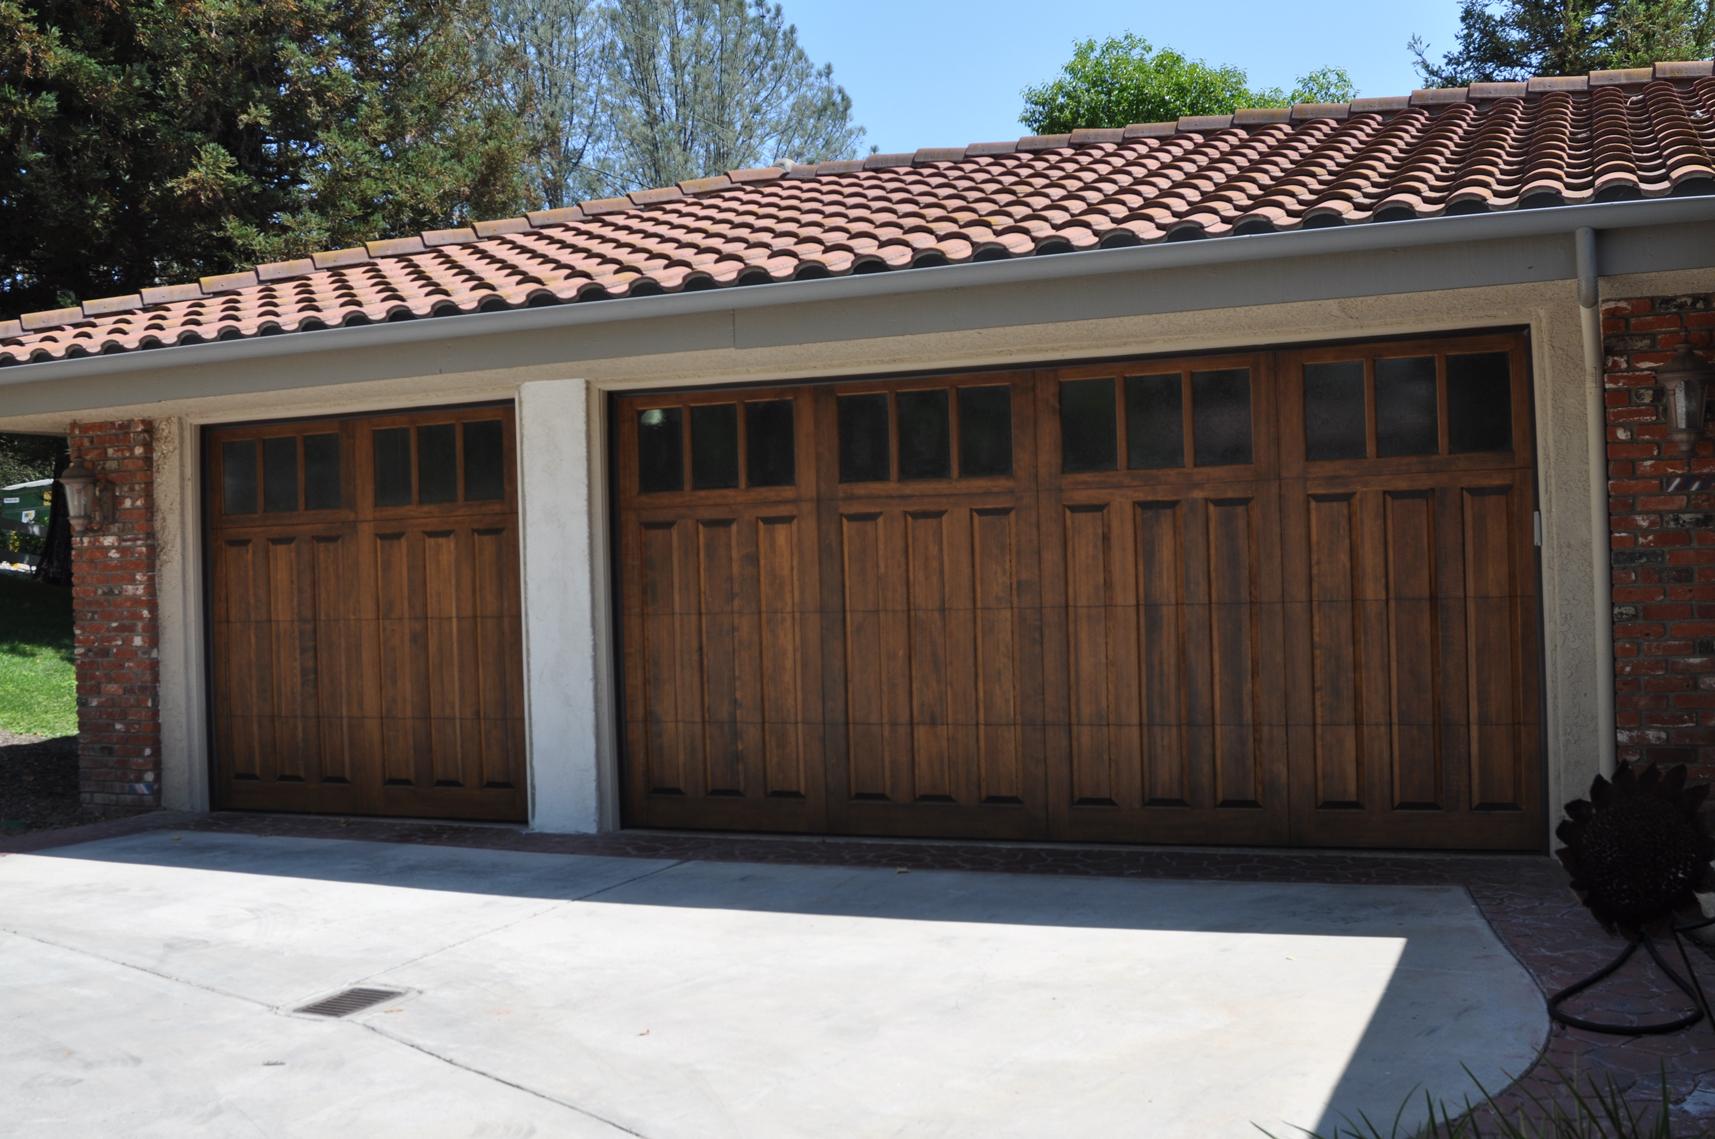 1139 #156AB6 Full Custom Garage Doors picture/photo Specialty Garage Doors 36891715